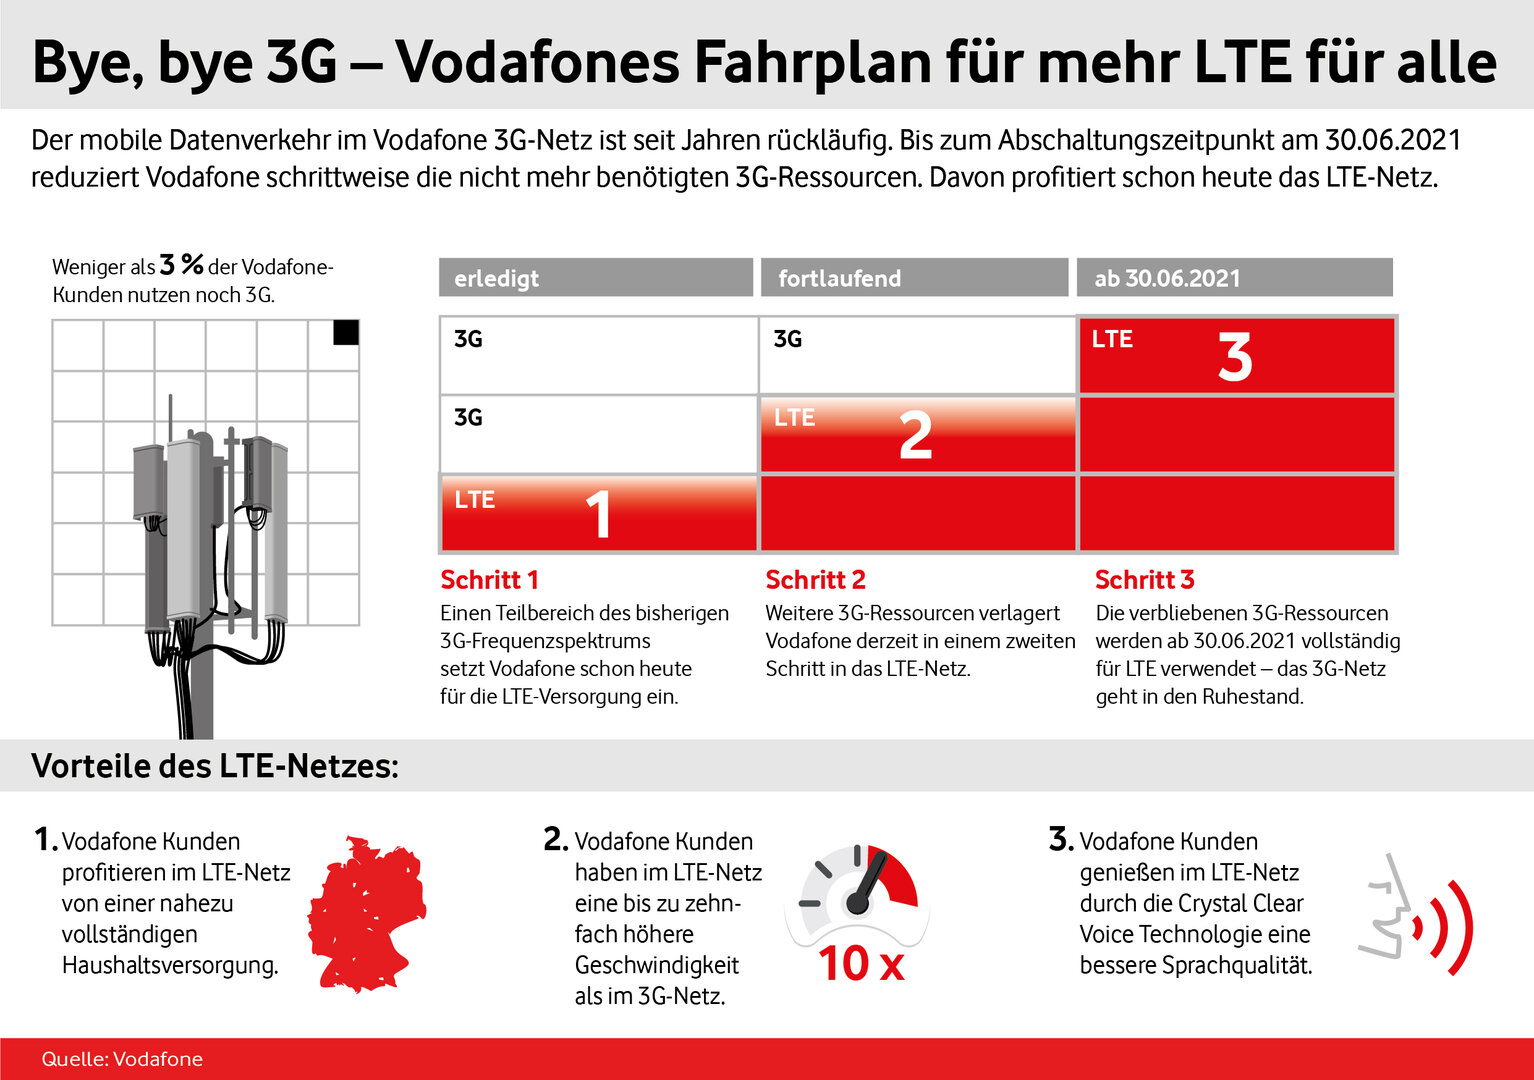 Vodafone Betrugsfälle 2021